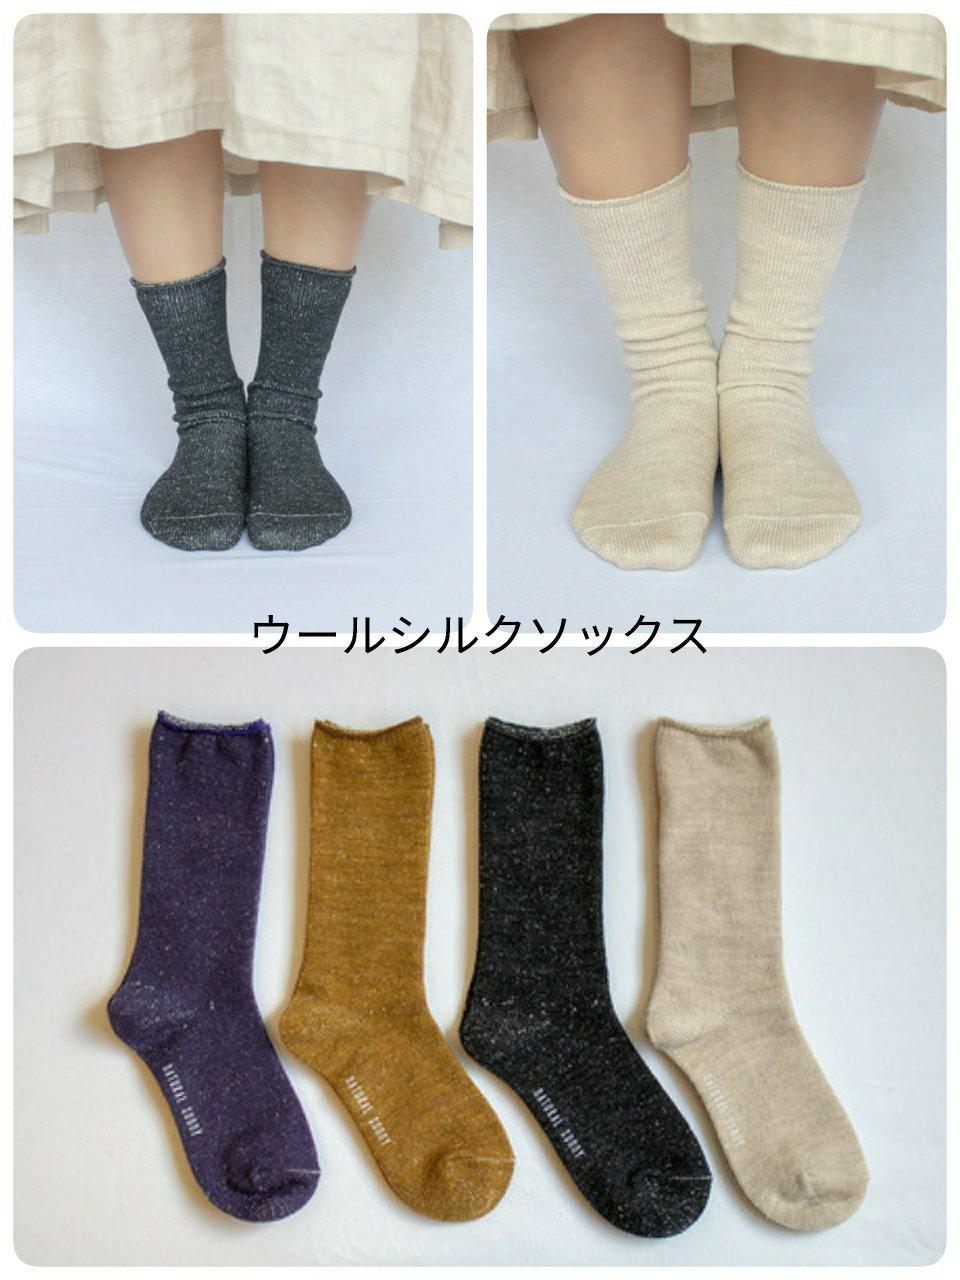 靴下、腹巻き、ネックウォーマー_f0255704_15185391.jpg